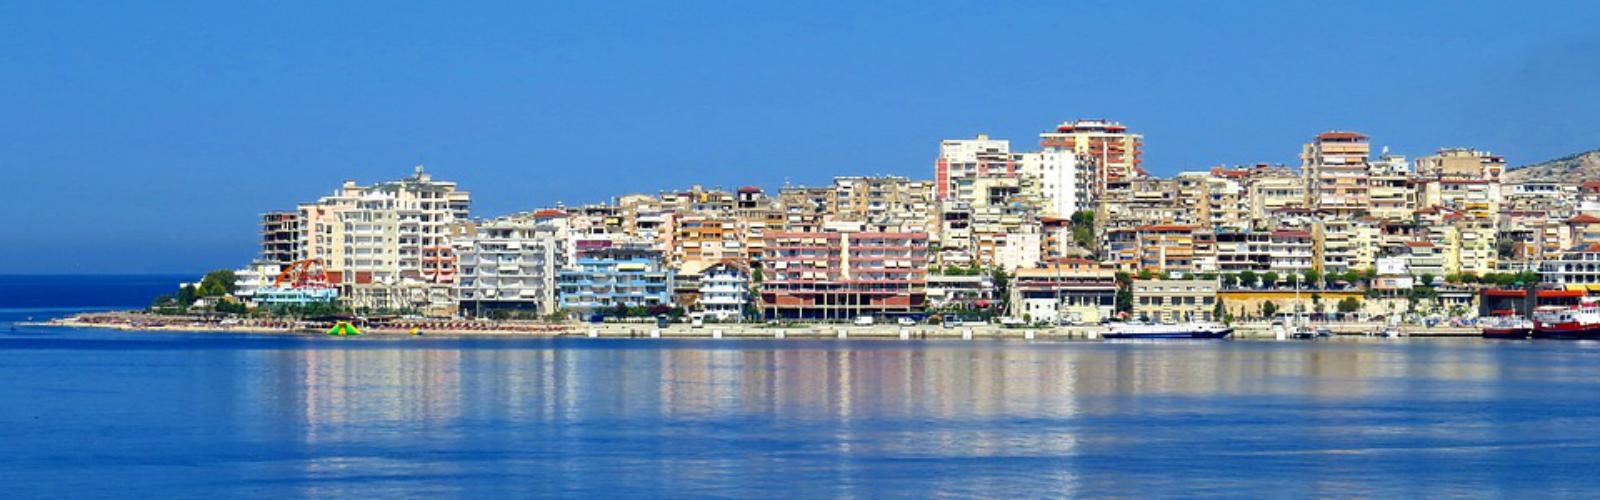 Last minute naar Albanië? Grijp je kans!